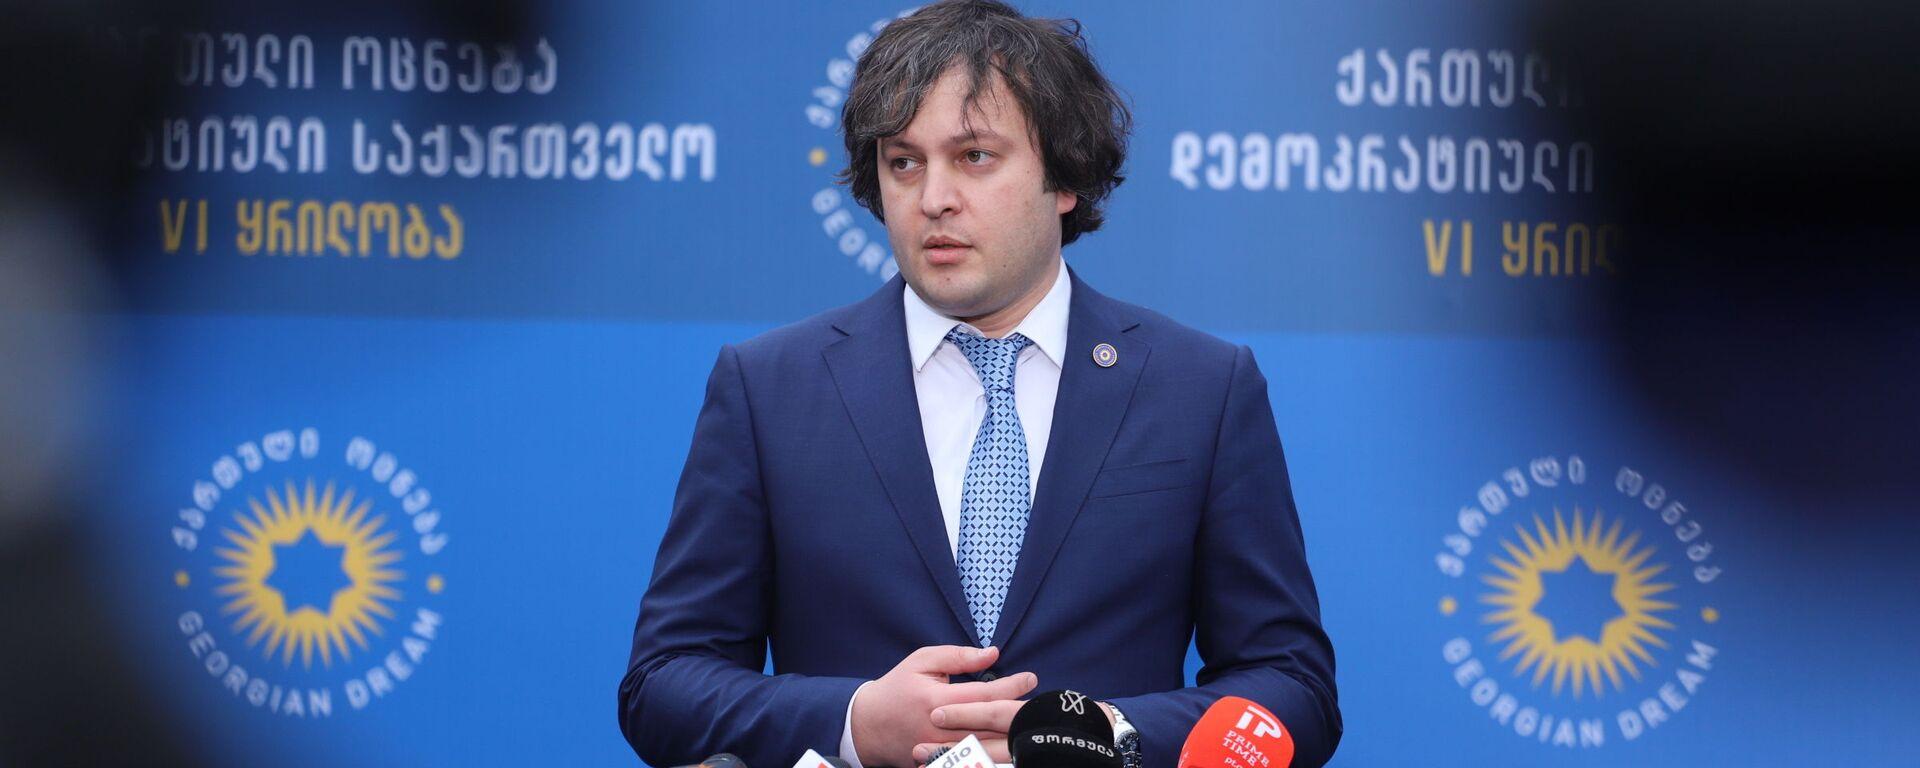 Ираклий Кобахидзе. Съезд правящей партии Грузинская мечта 16 января 2021 года - Sputnik Грузия, 1920, 23.02.2021